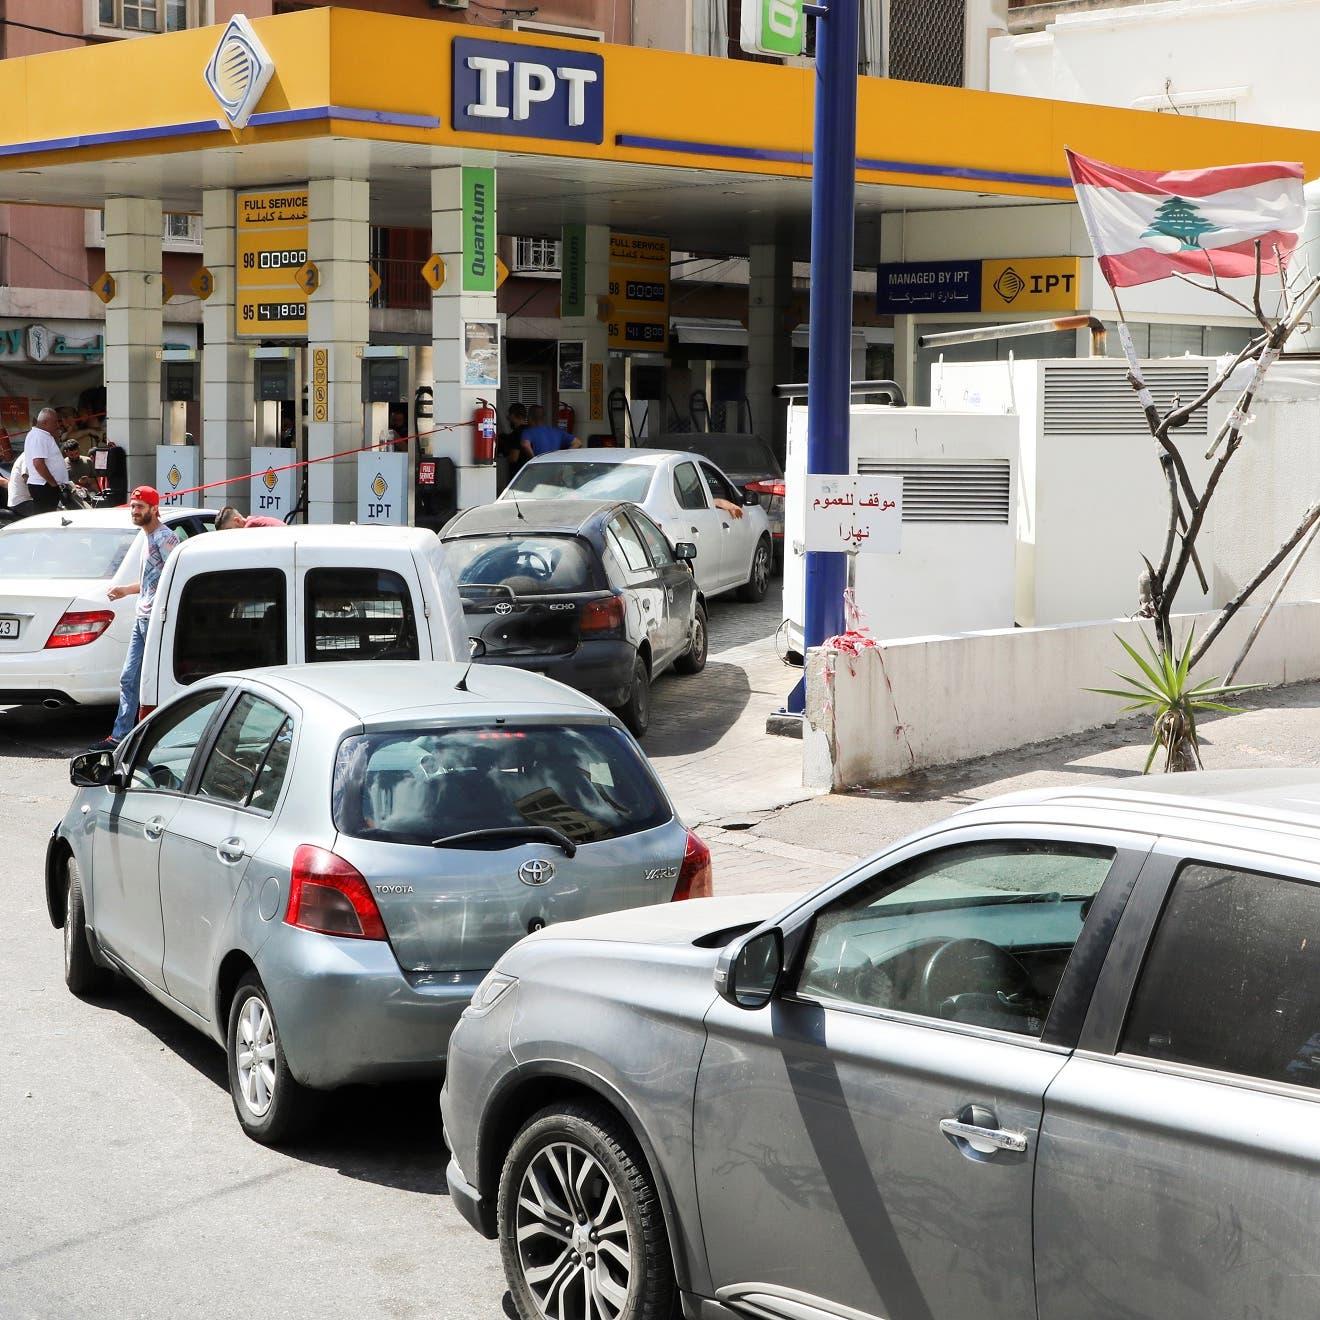 """""""خففوا مشاوير"""" موجة غضب في لبنان ضد مسؤولة بوزارة الطاقة"""